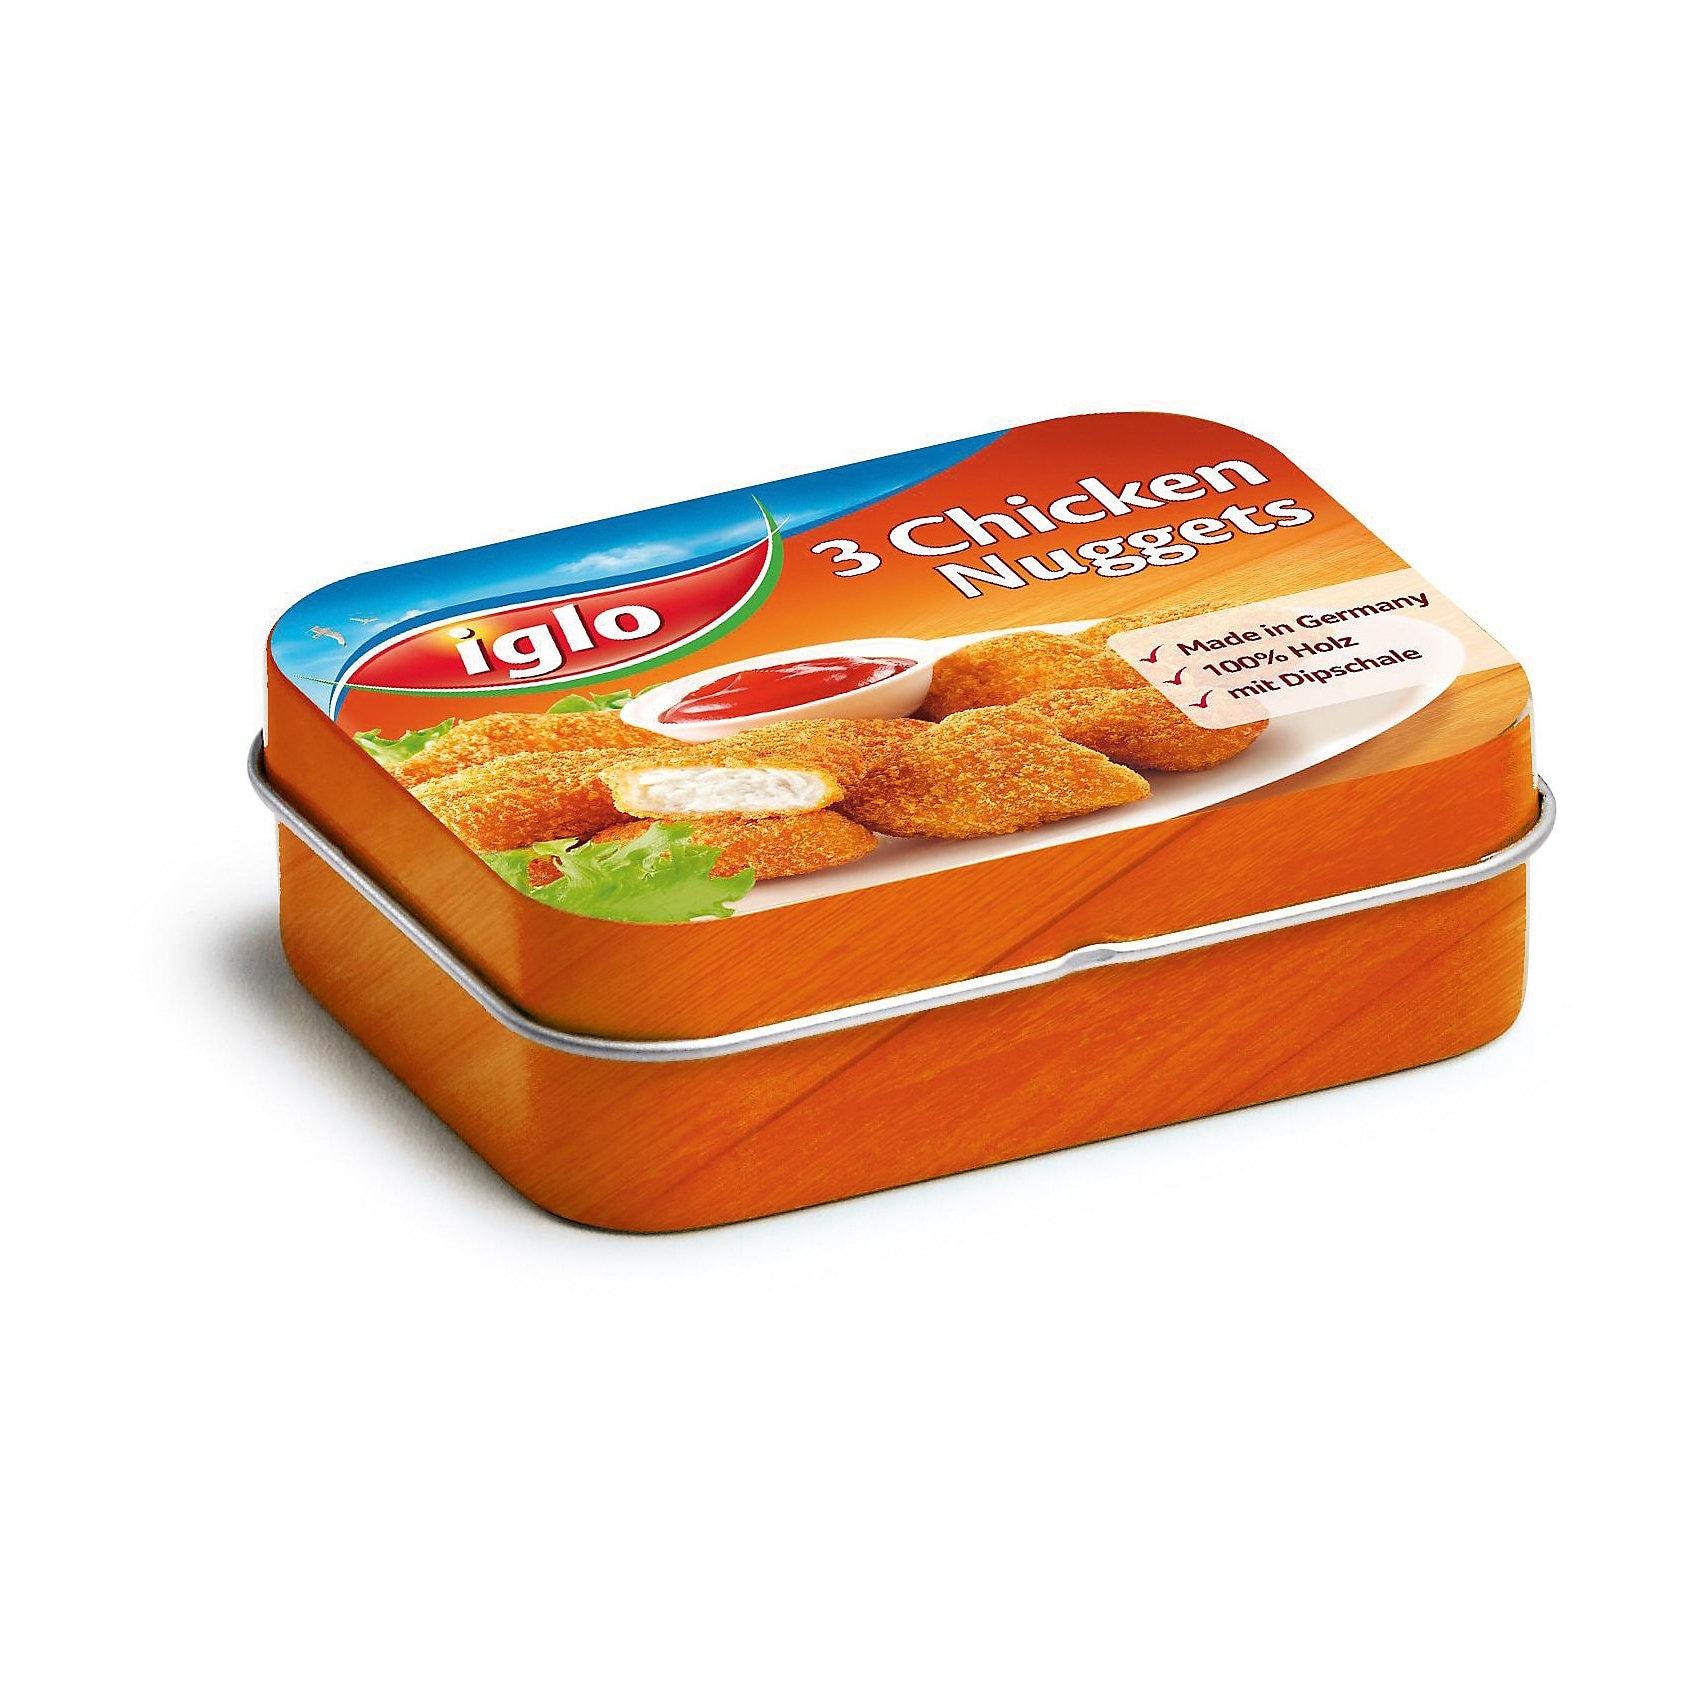 Erzi Spiellebensmittel Iglo Chicken Nuggets